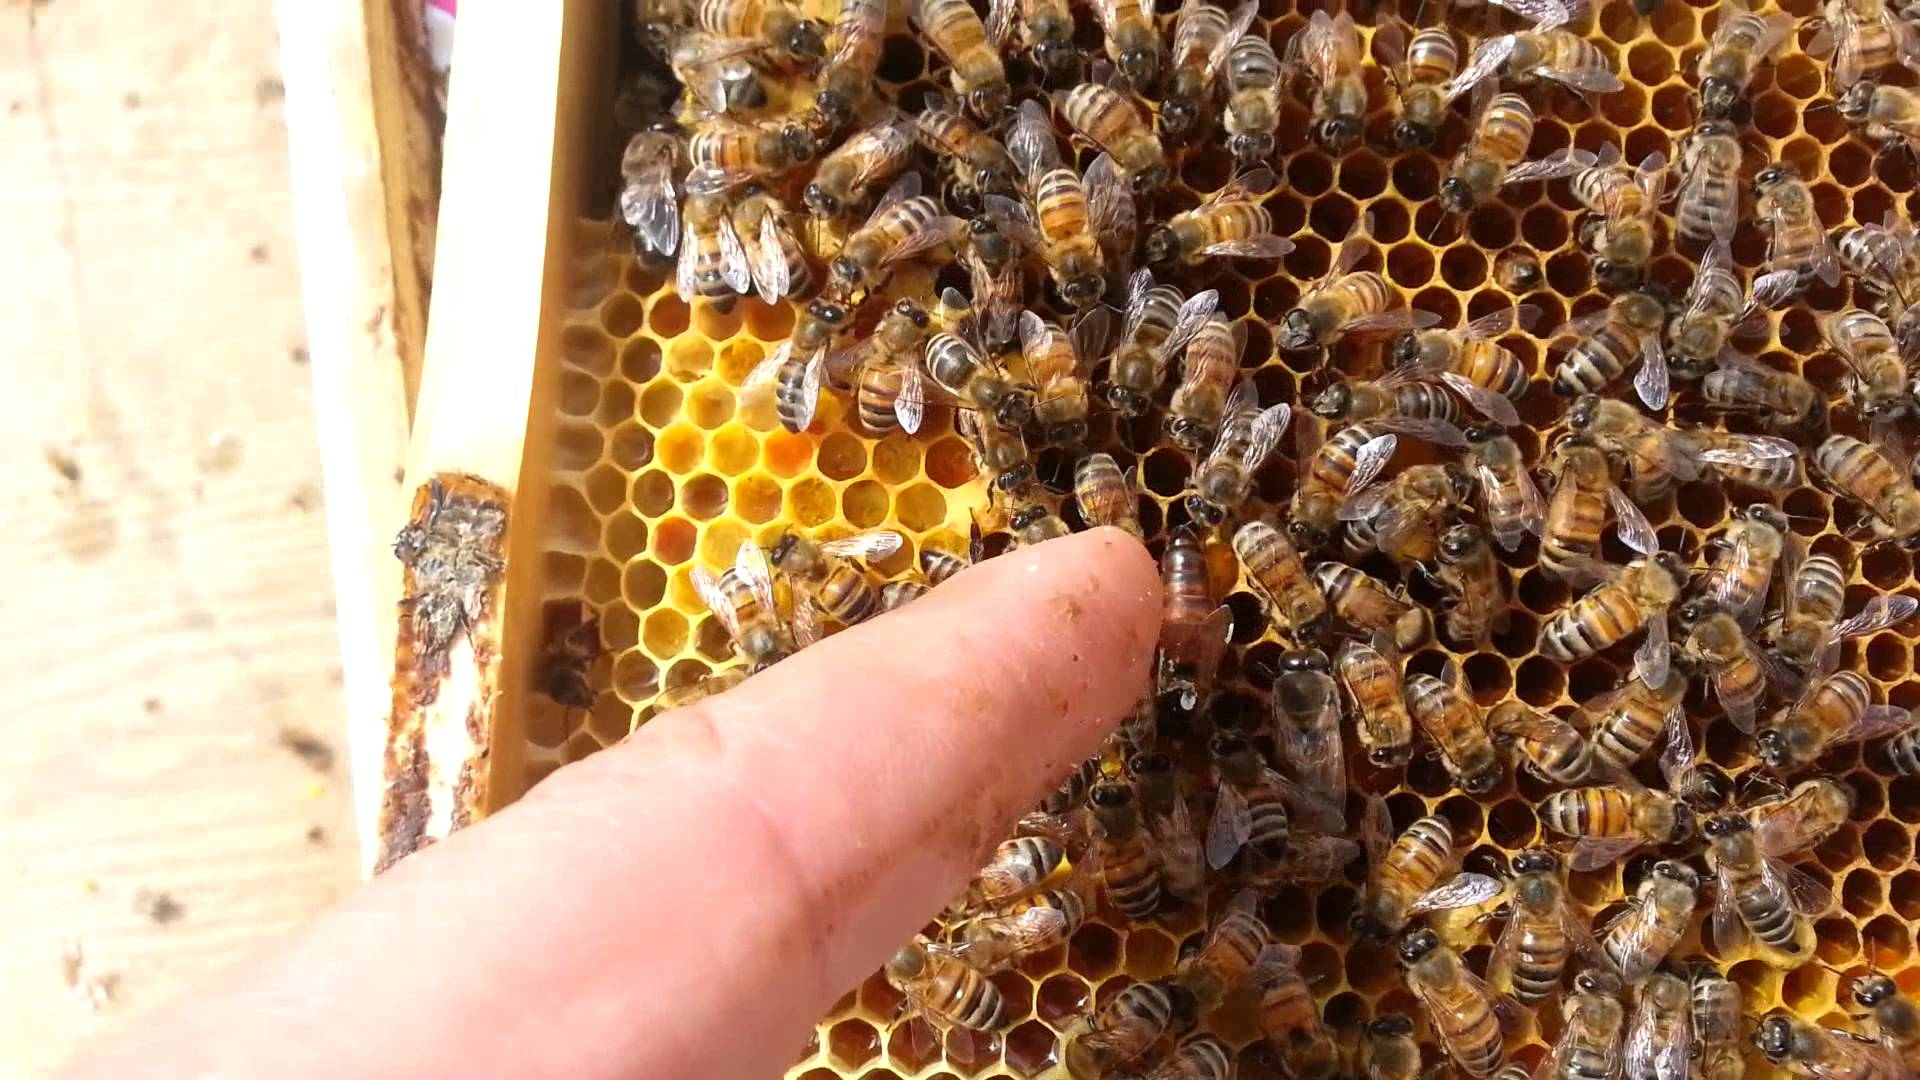 Как выглядит матка пчелы, кто оплодотворяет пчелиную королеву